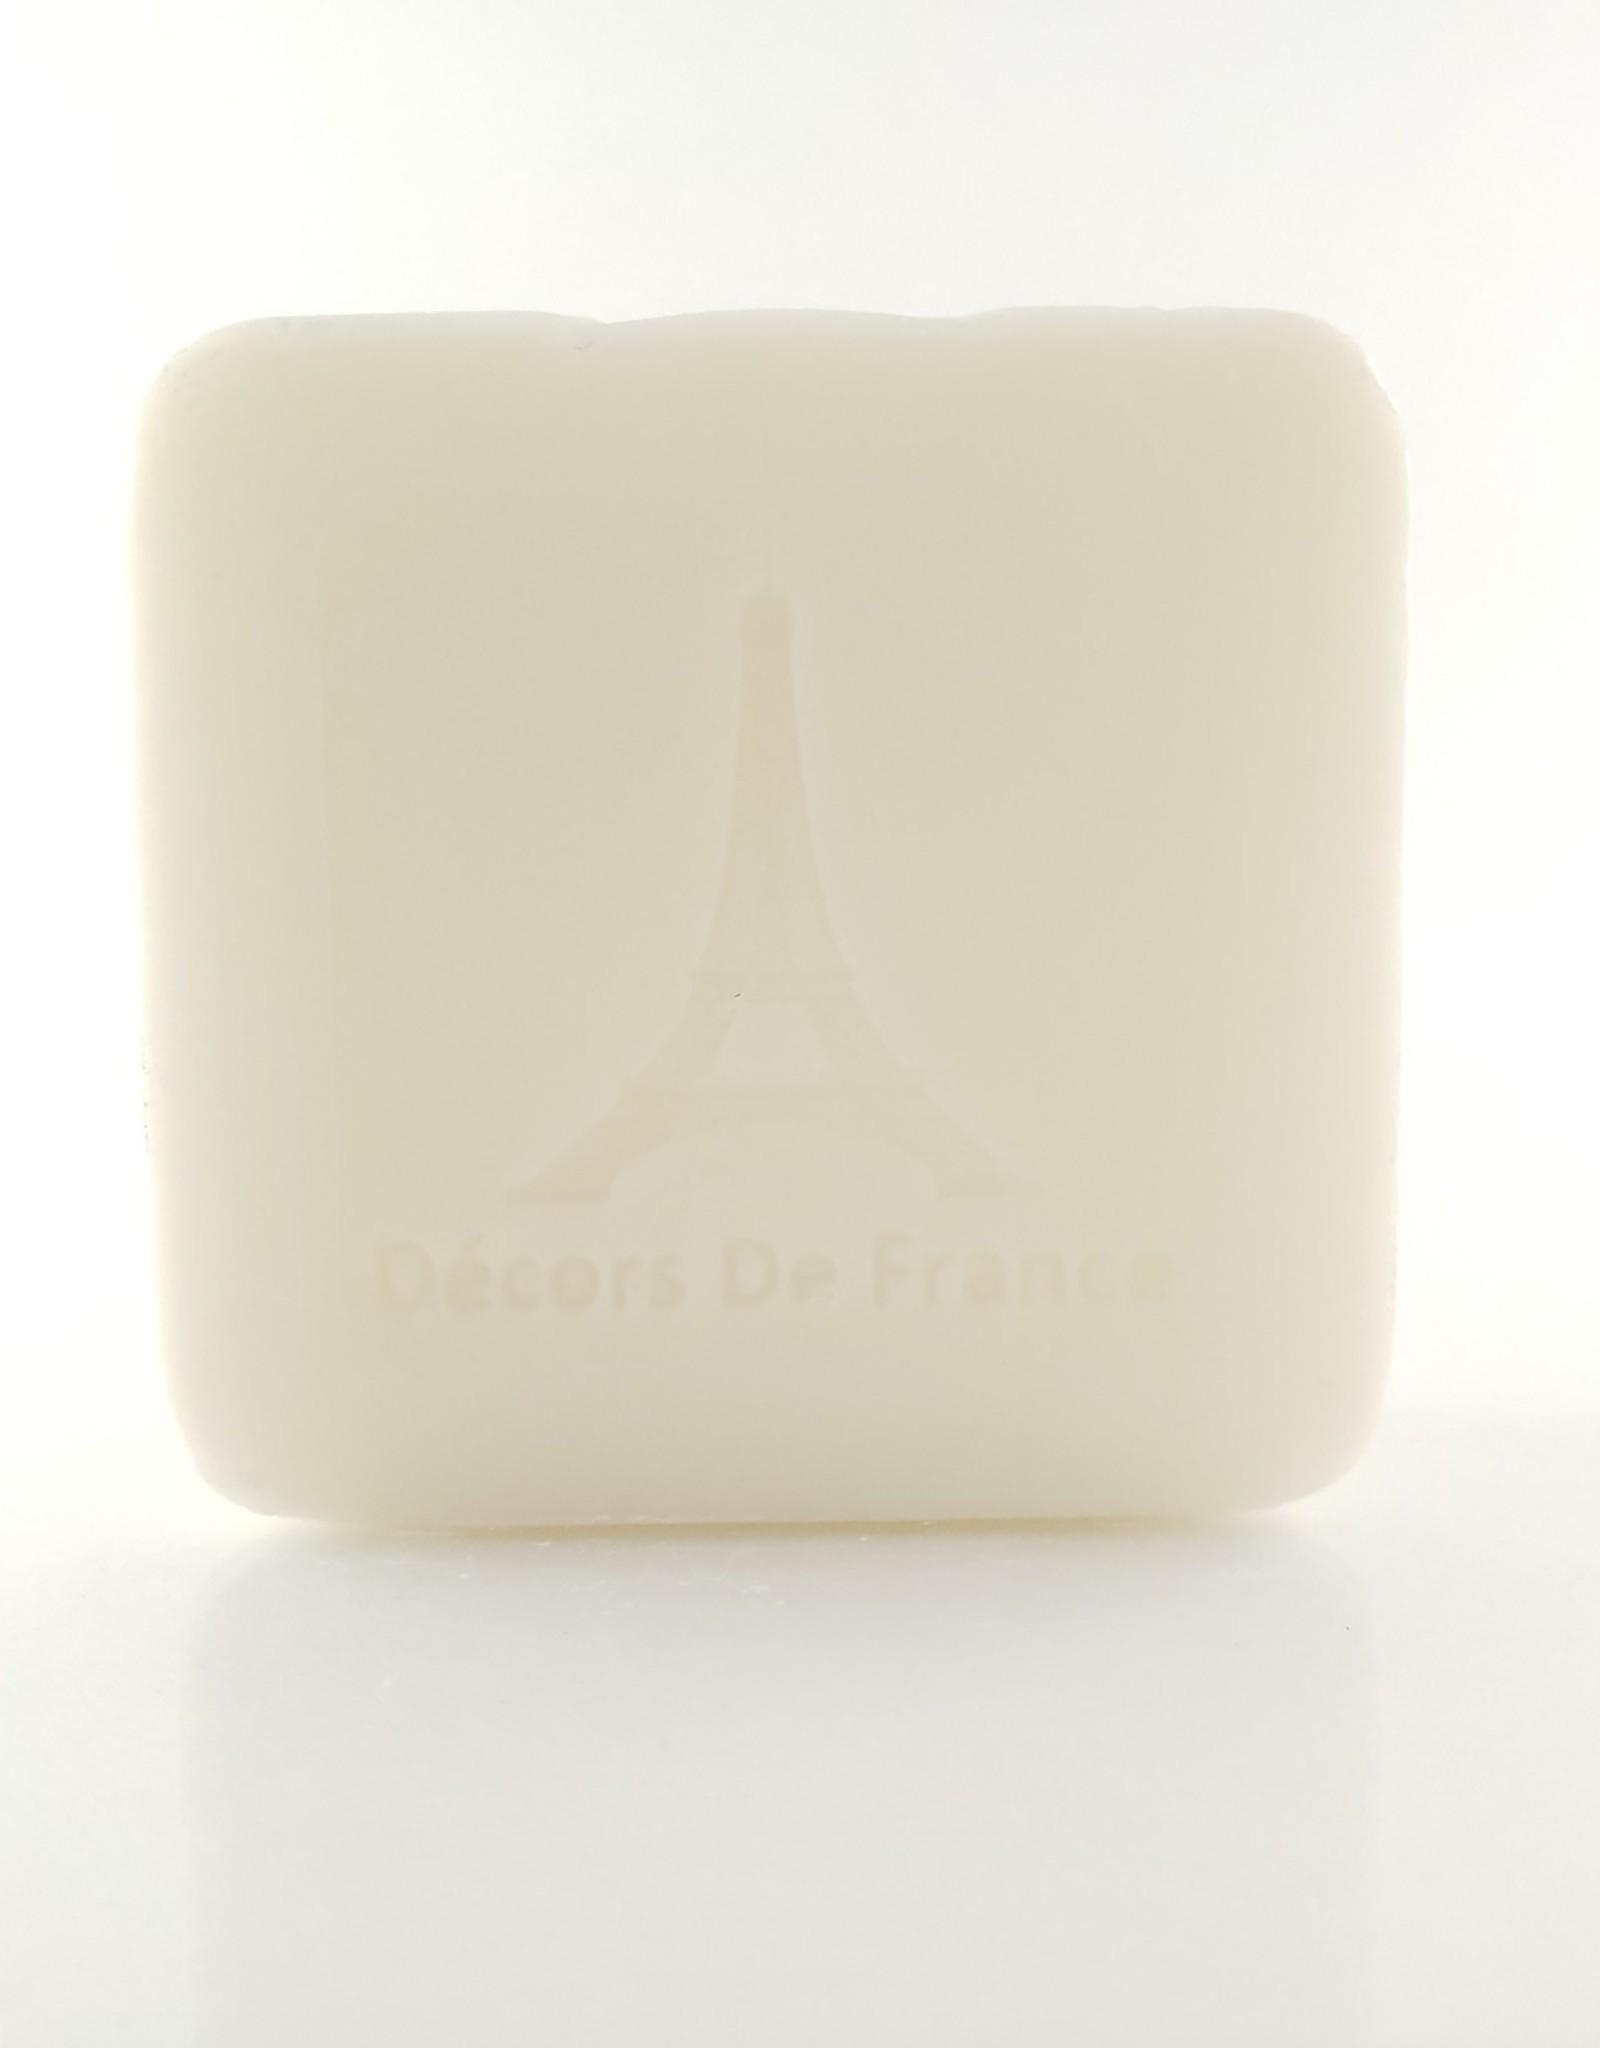 Milk 100g Square Soap